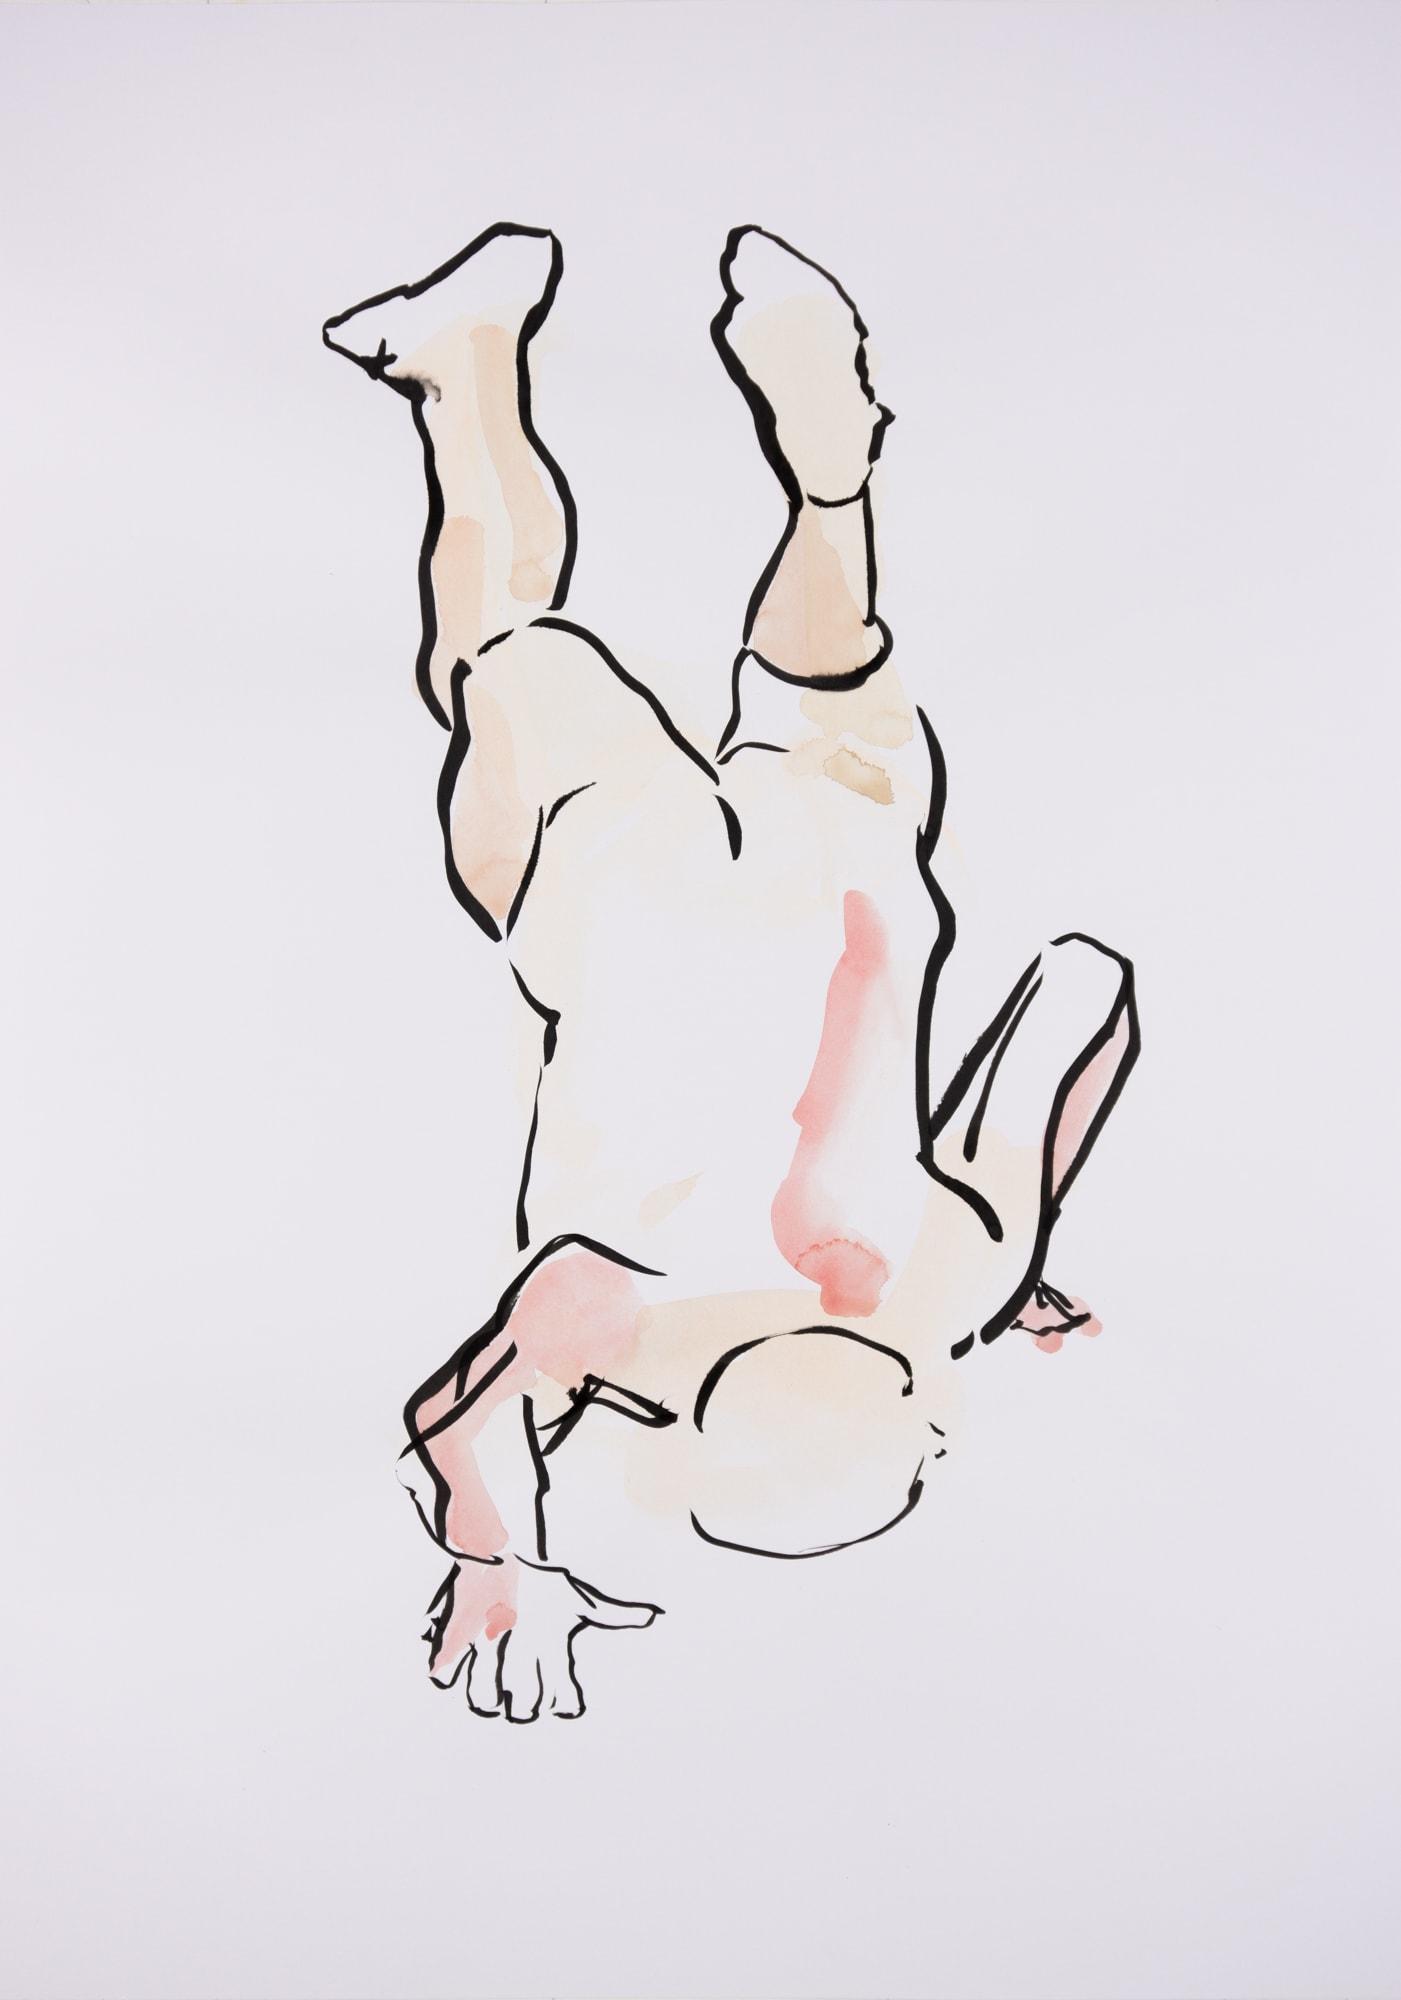 Zeichnung, Aquarell und Tusche auf Papier, 42x59,4cm, Männerakt, Künstlerin: Franziska King